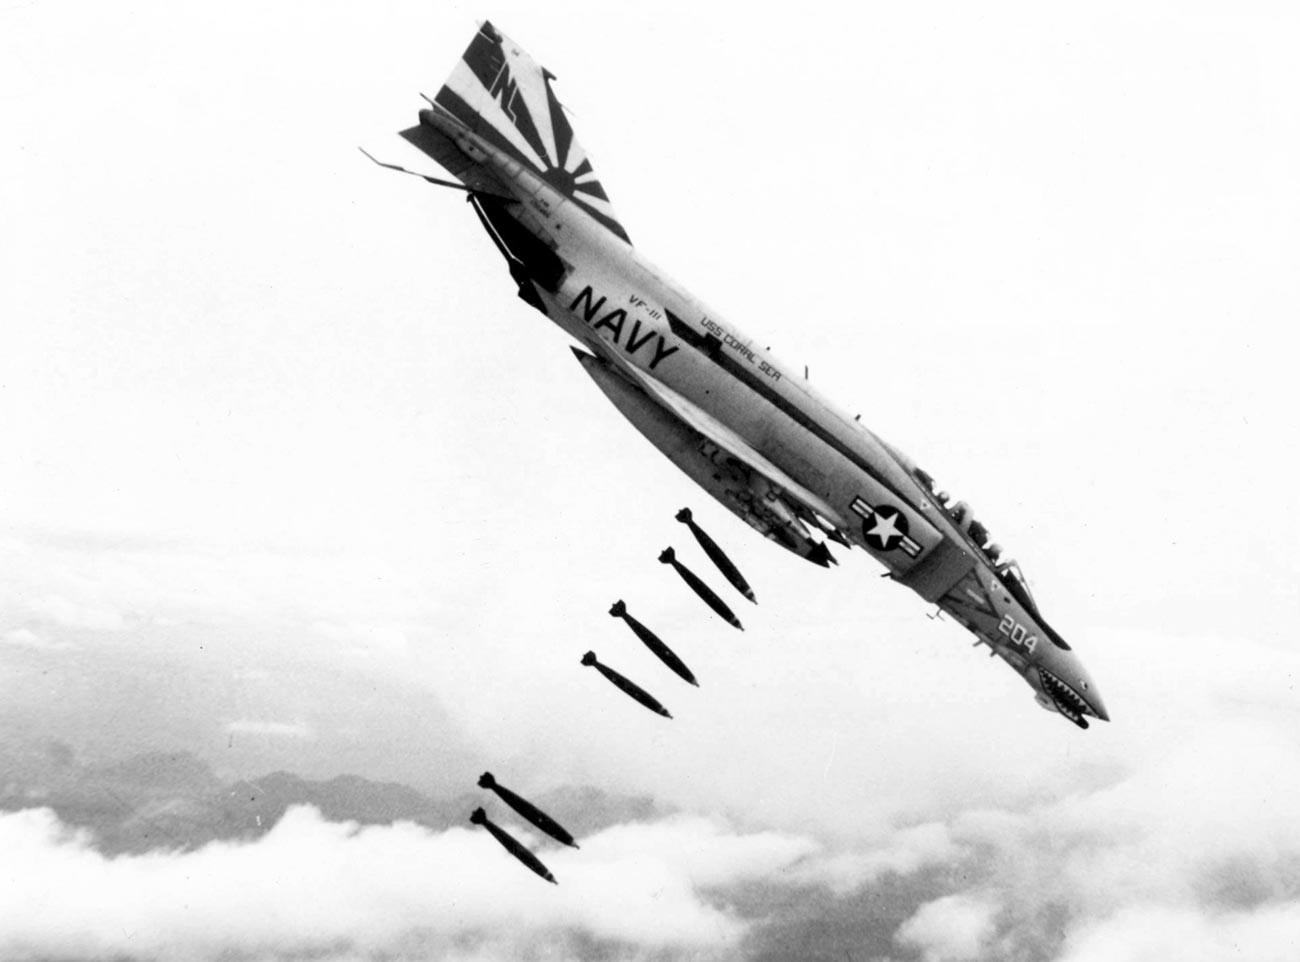 Un McDonnell F-4B Phantom II de l'Escadron de chasseurs VF-111 Sundowners de l'US Navy largue 227 kg de bombes Mk 82 sur le Vietnam en 1971. Le VF-111 était affecté à bord du porte-avions USS Coral Sea (CVA -43) déployé au Vietnam du 12 novembre 1971 au 17 juillet 1972.